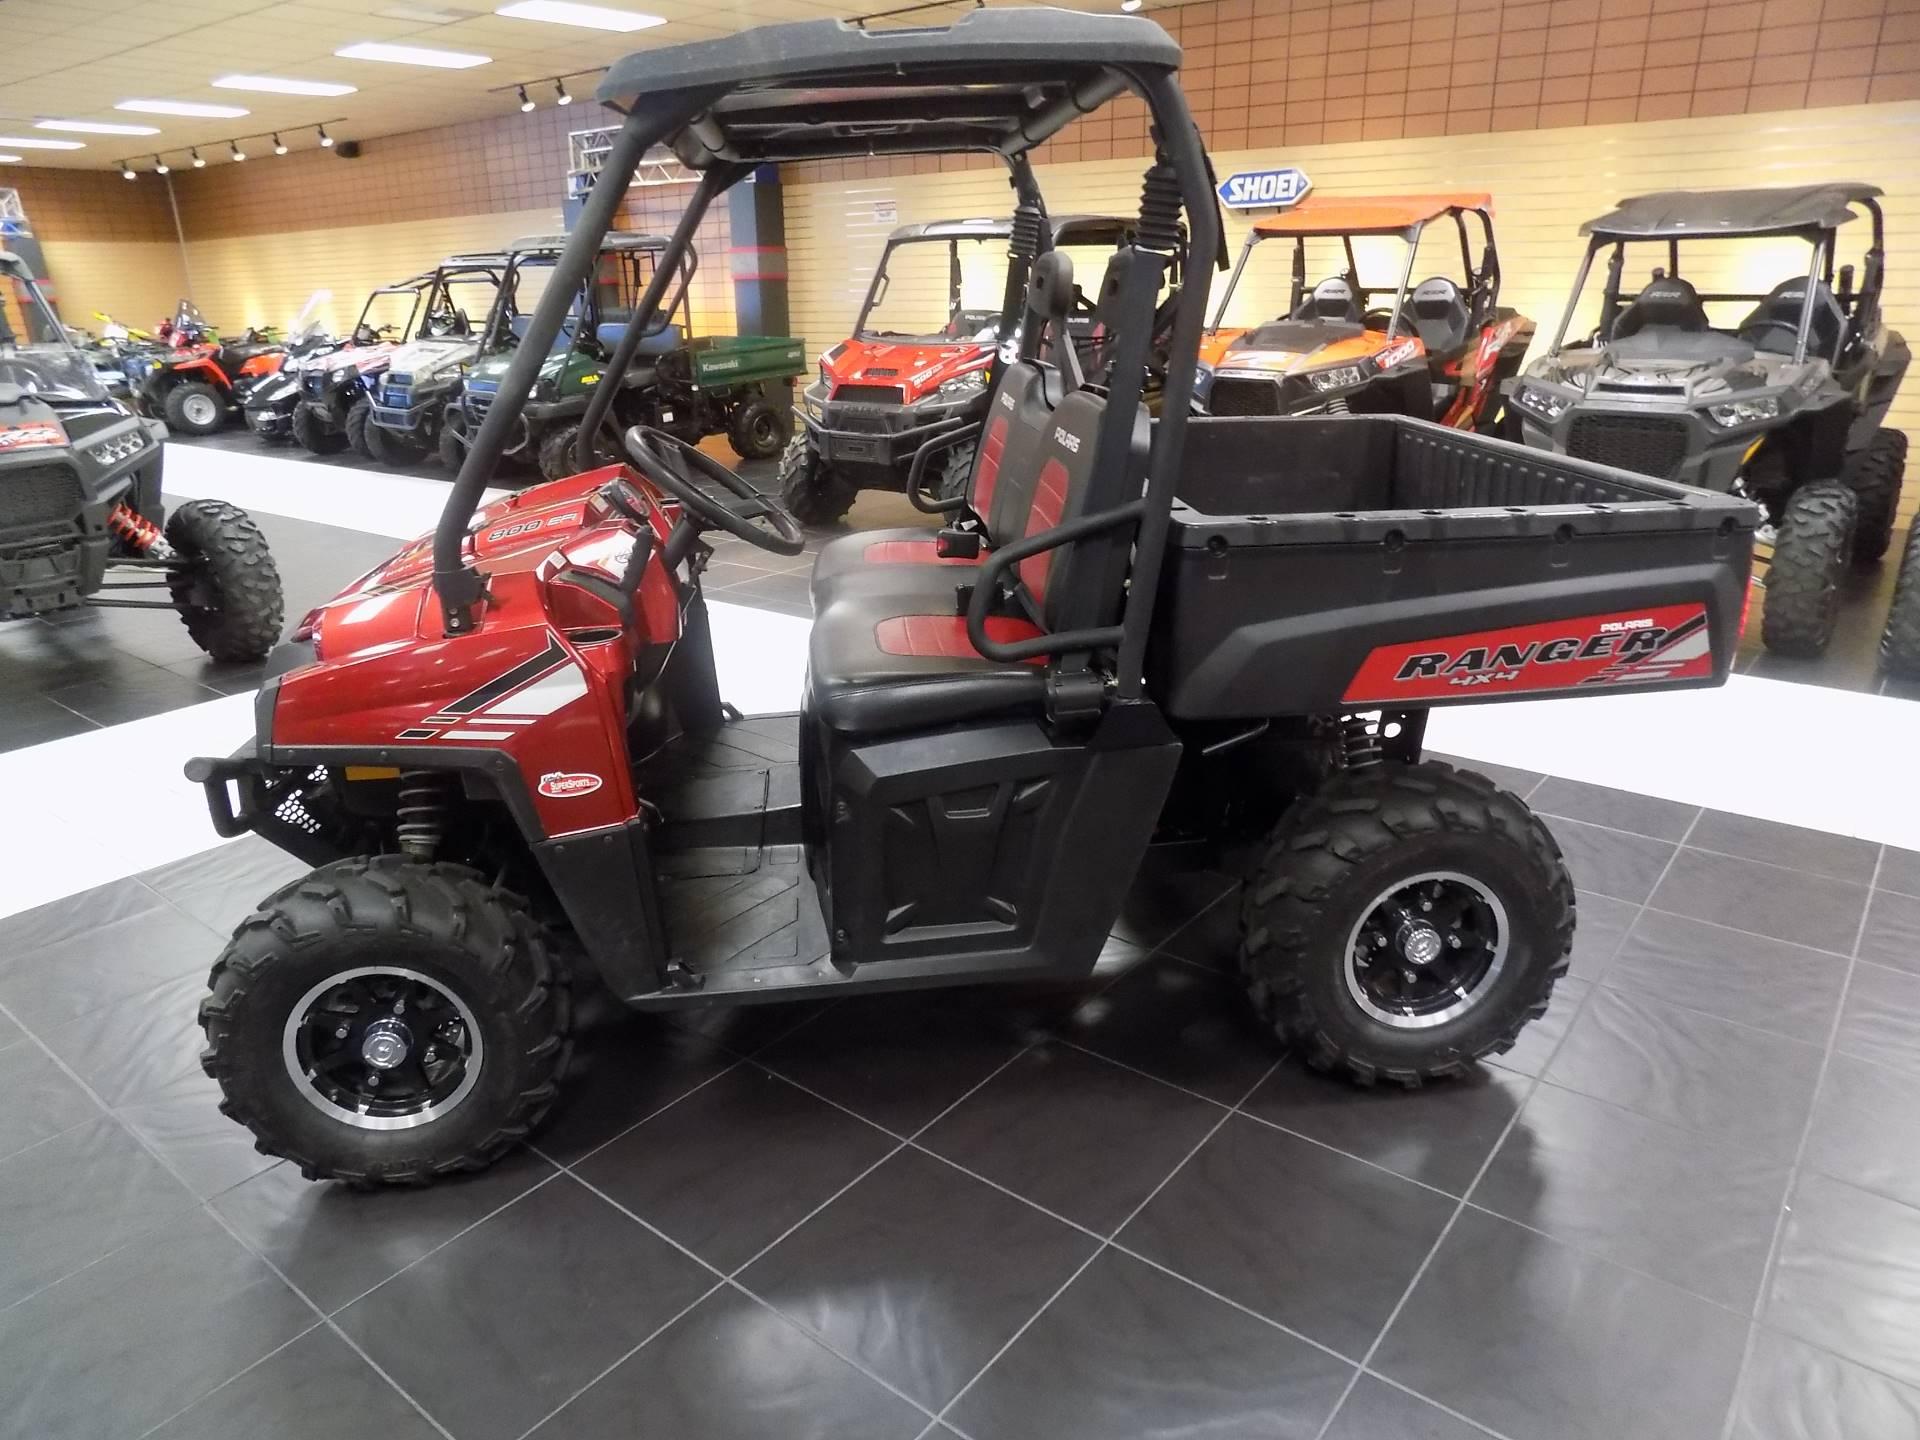 2013 Ranger 800 EPS